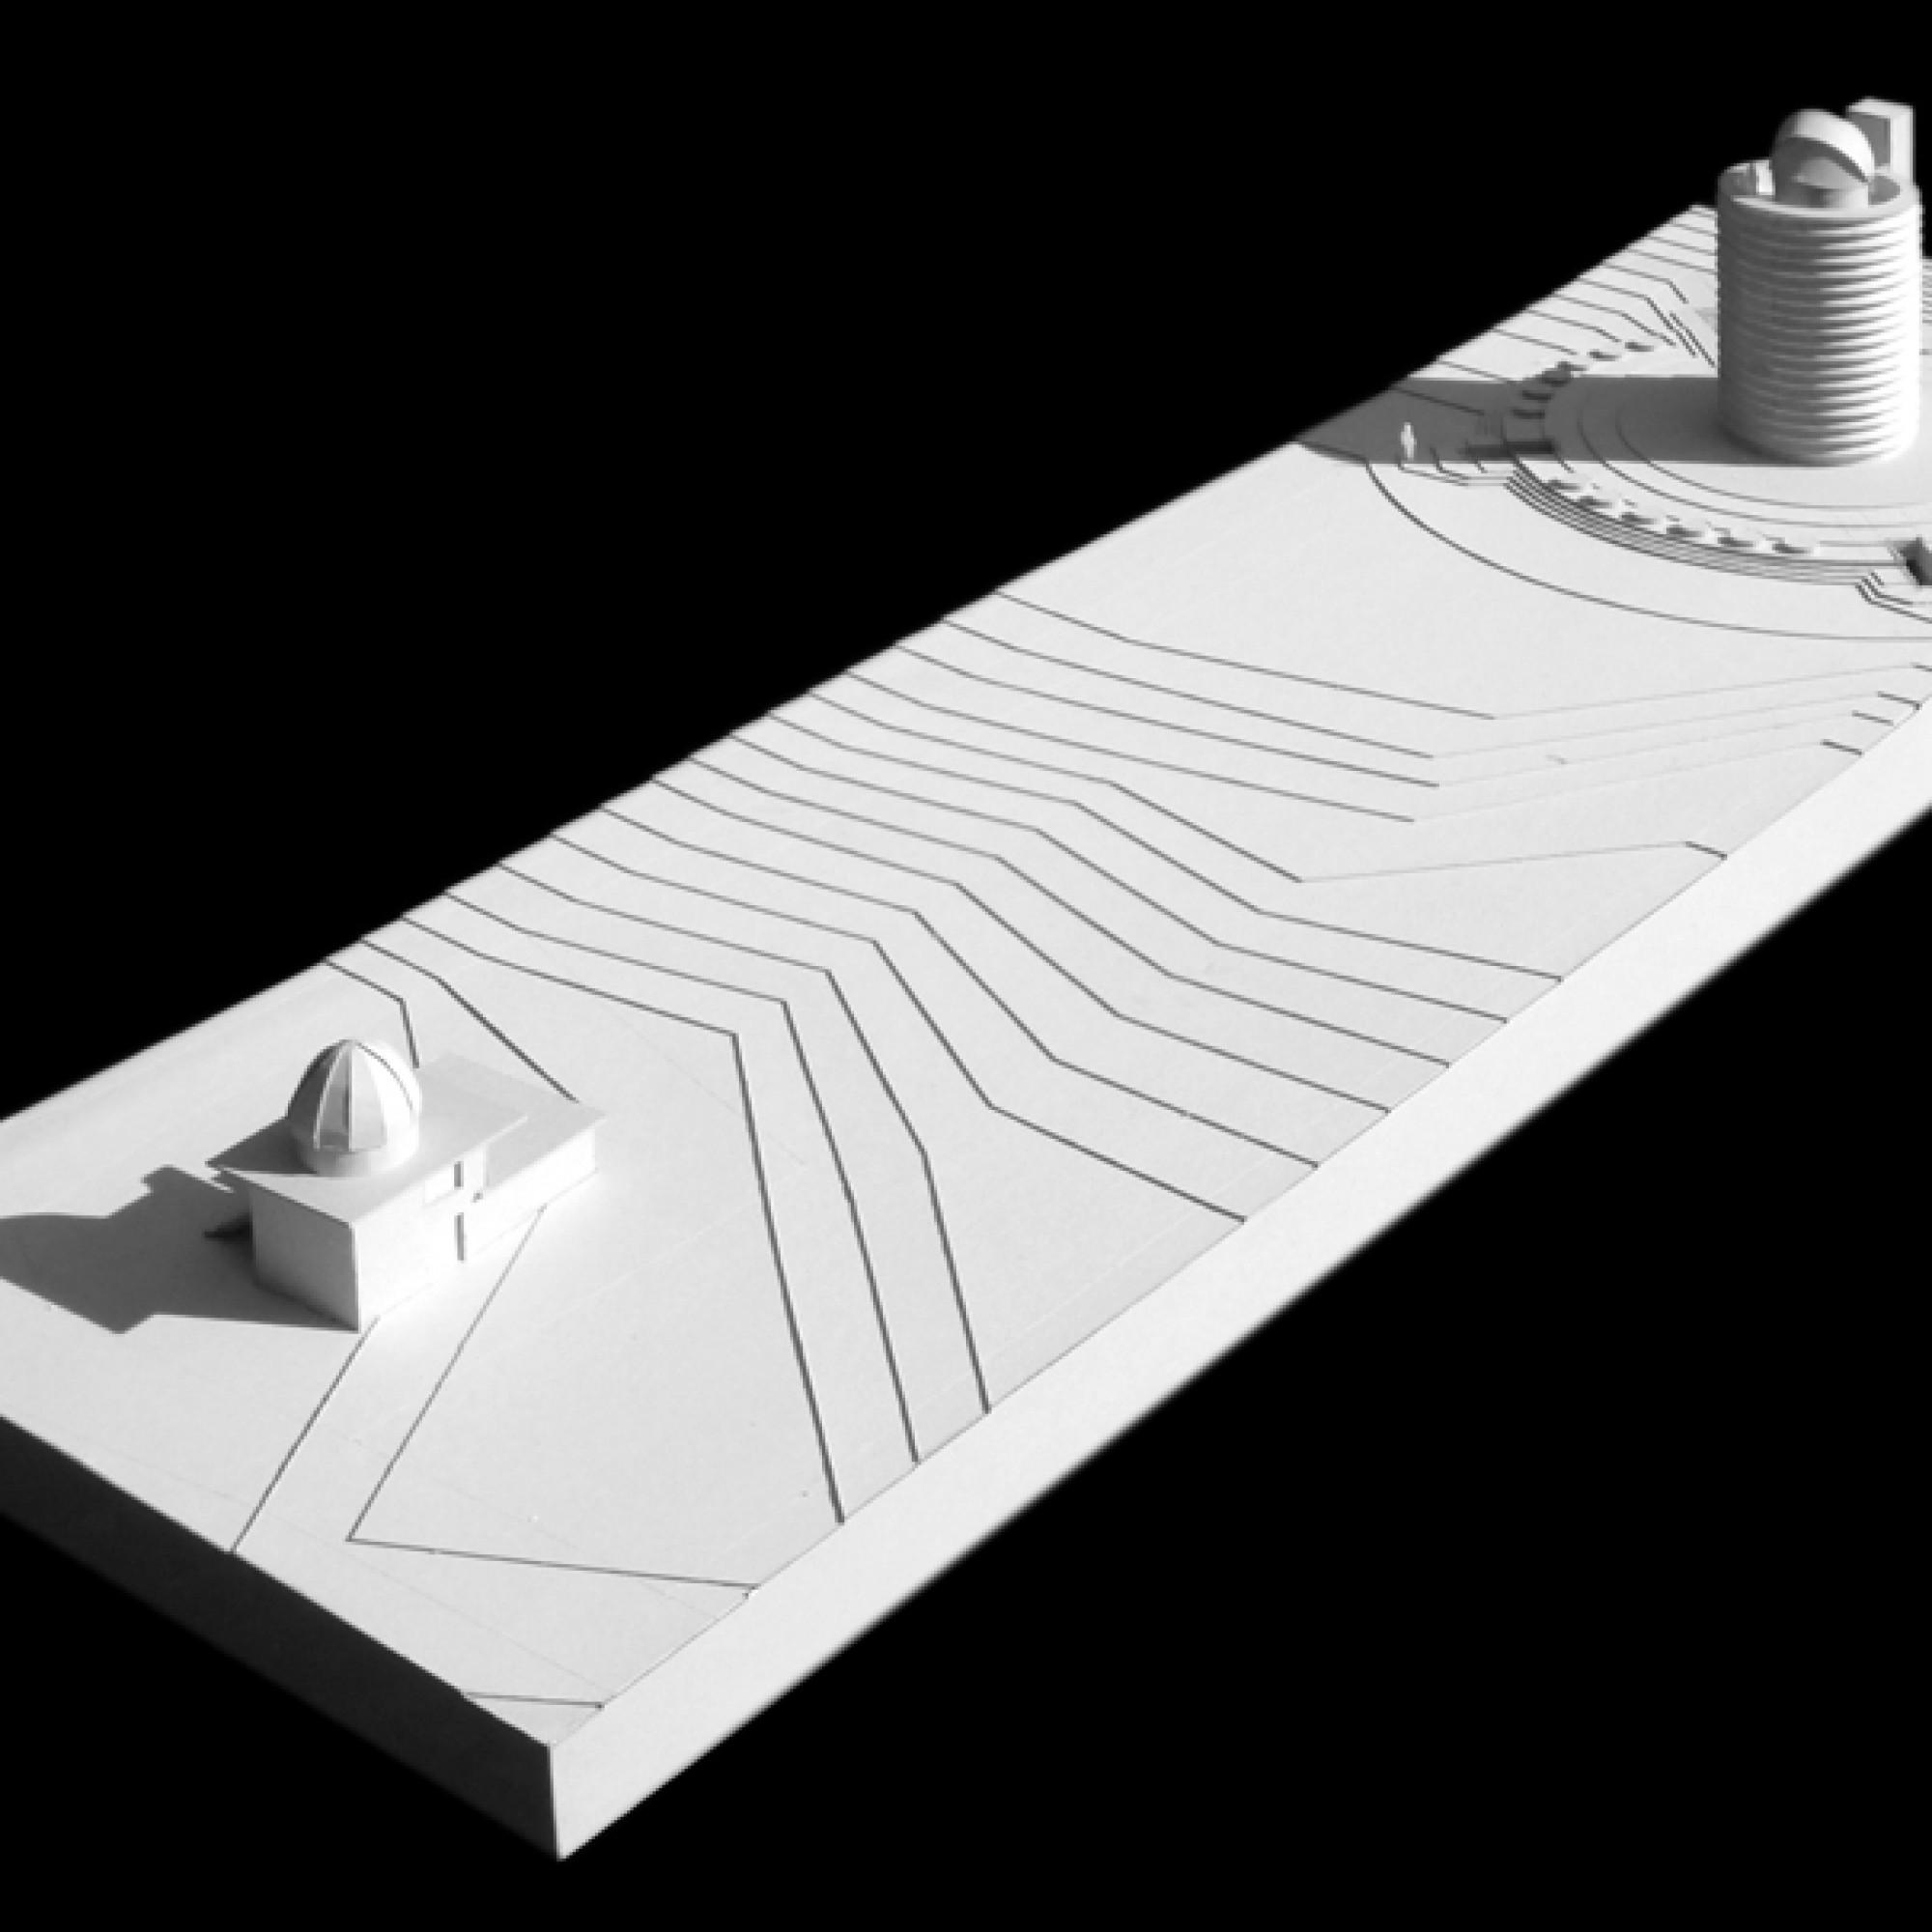 Modell der neuen Beobachtungsstation. (zvg)